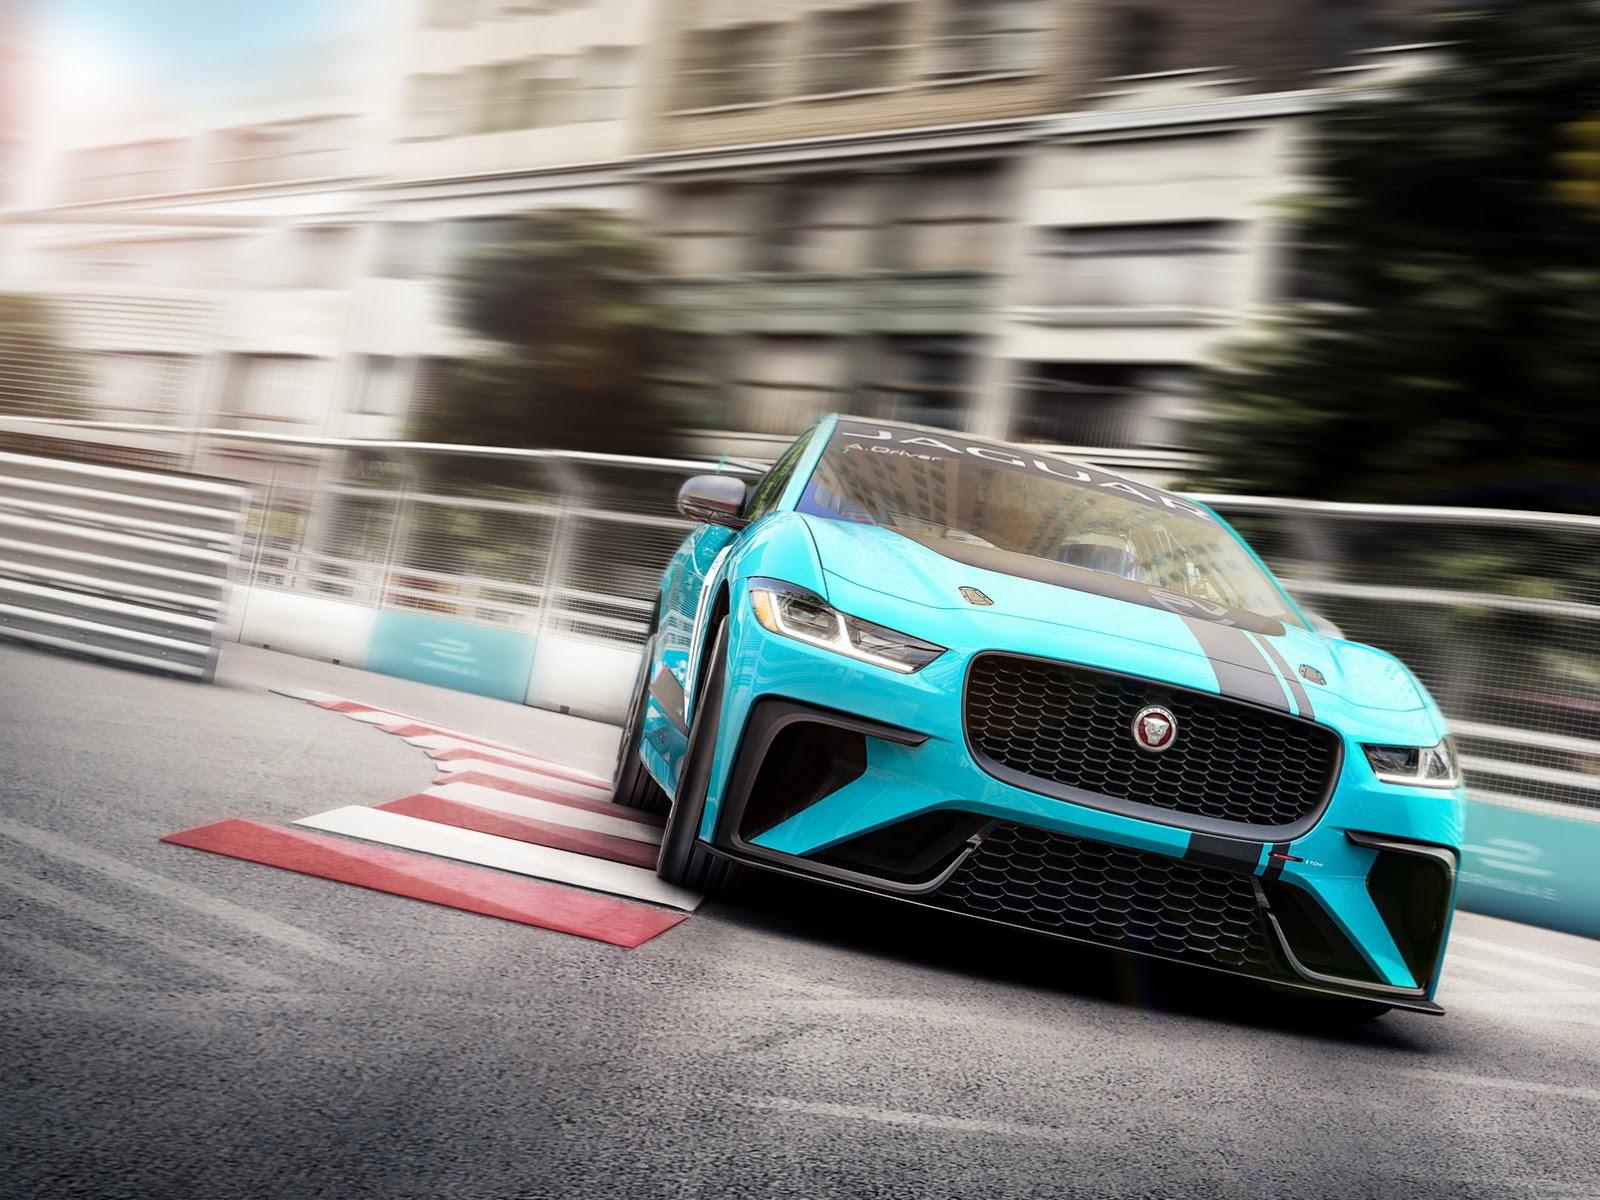 jaguar-ipace-race-car-iaa-32.jpg